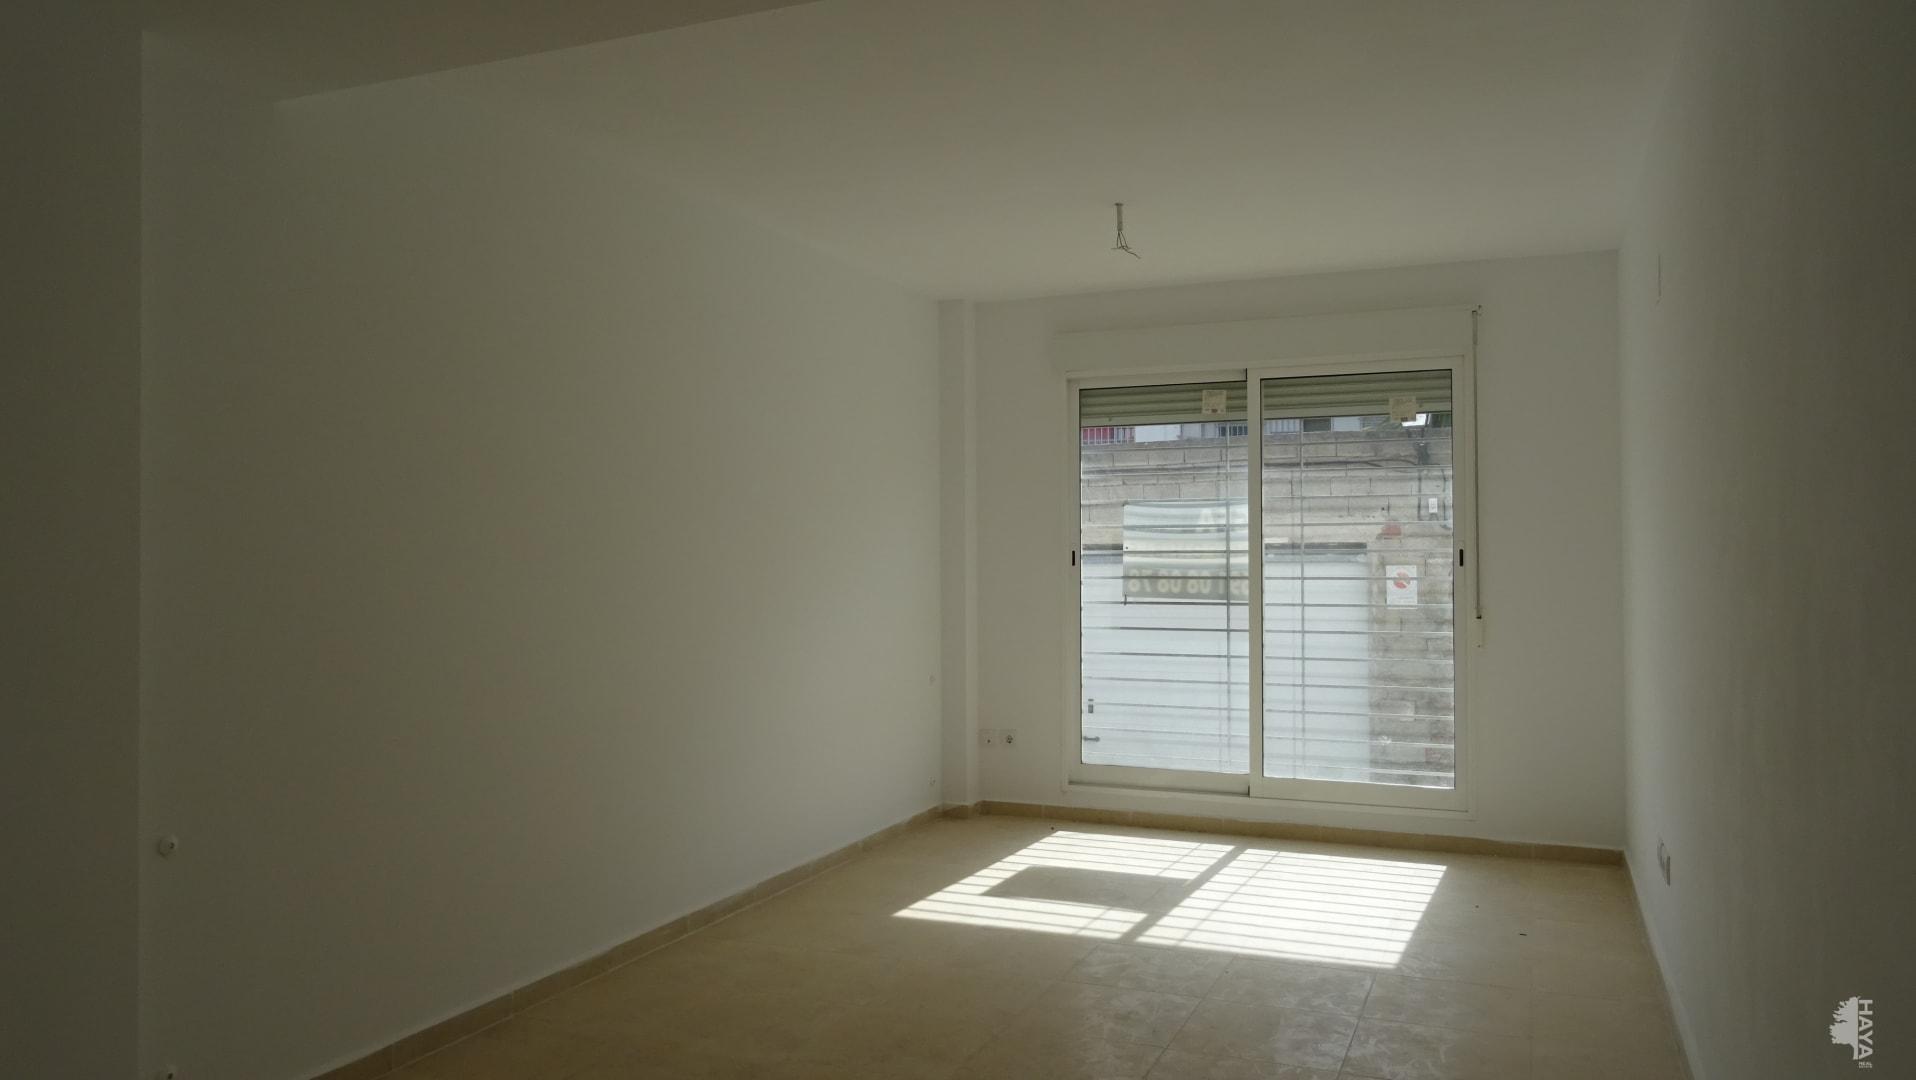 Piso en venta en Platja de Xeraco, Xeraco, Valencia, Calle Sant Roc, 110.300 €, 3 habitaciones, 2 baños, 100 m2